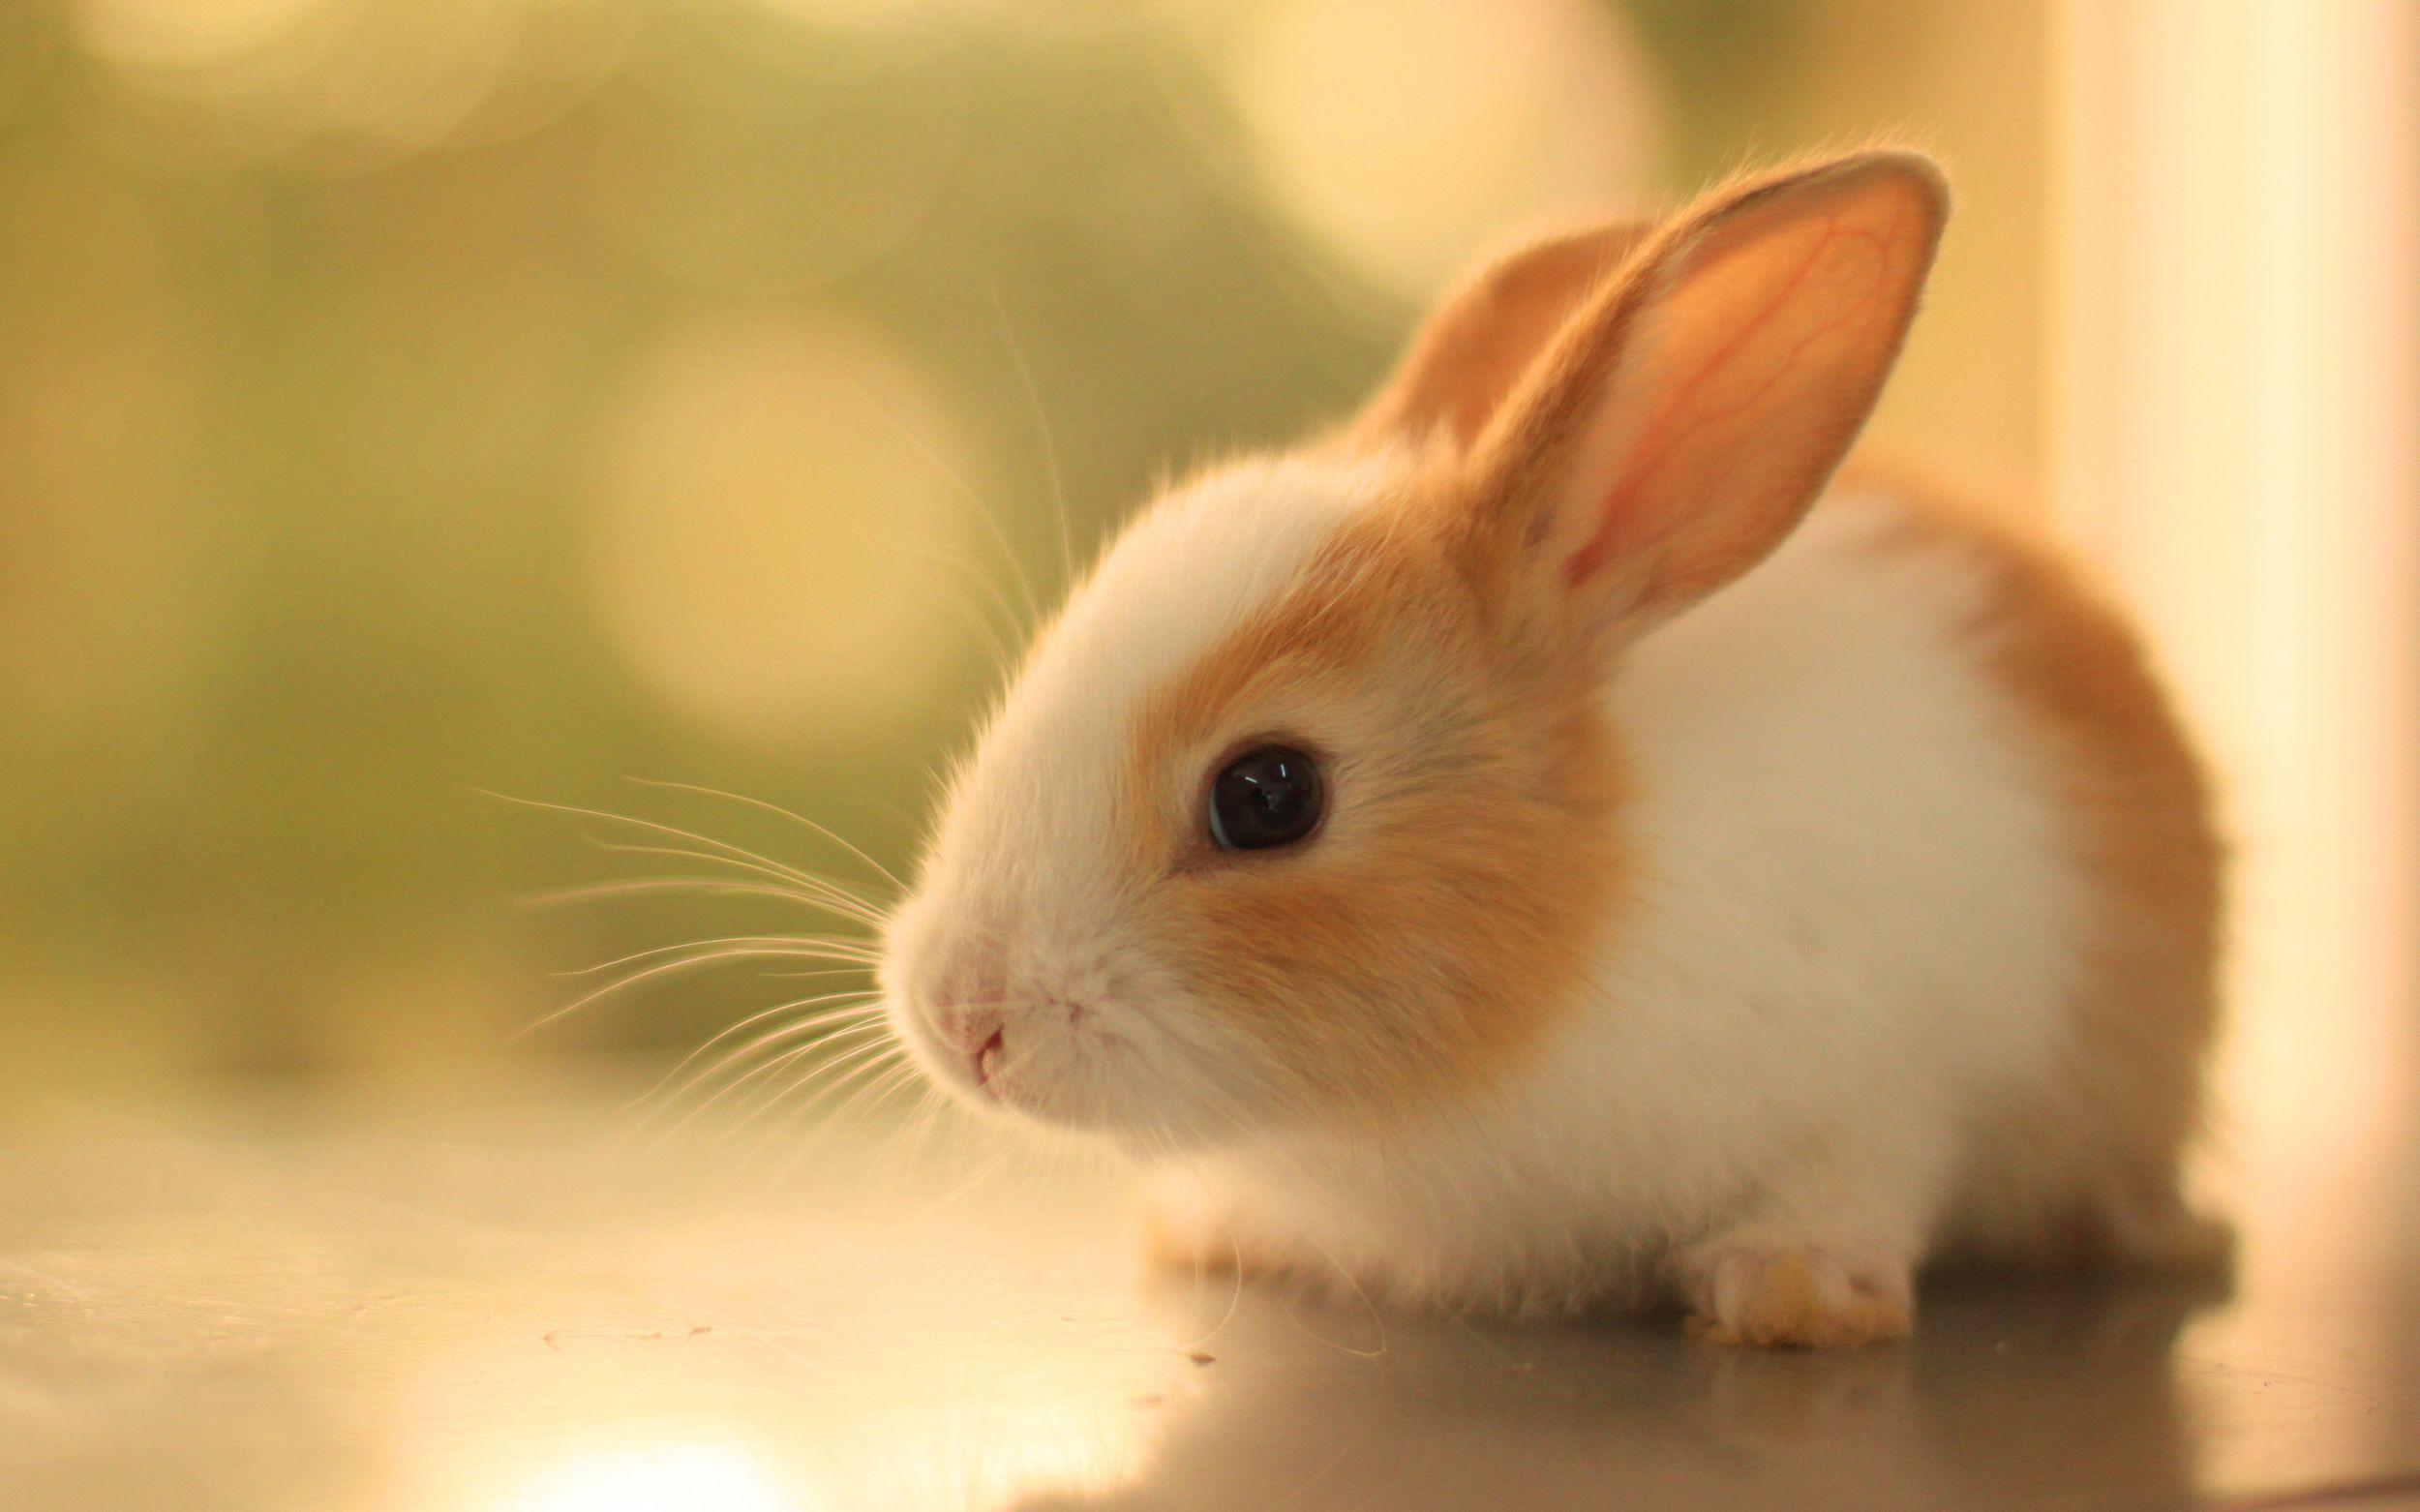 Cute Bunny Backgrounds download in digitalimagemakerworldcom 2500x1562